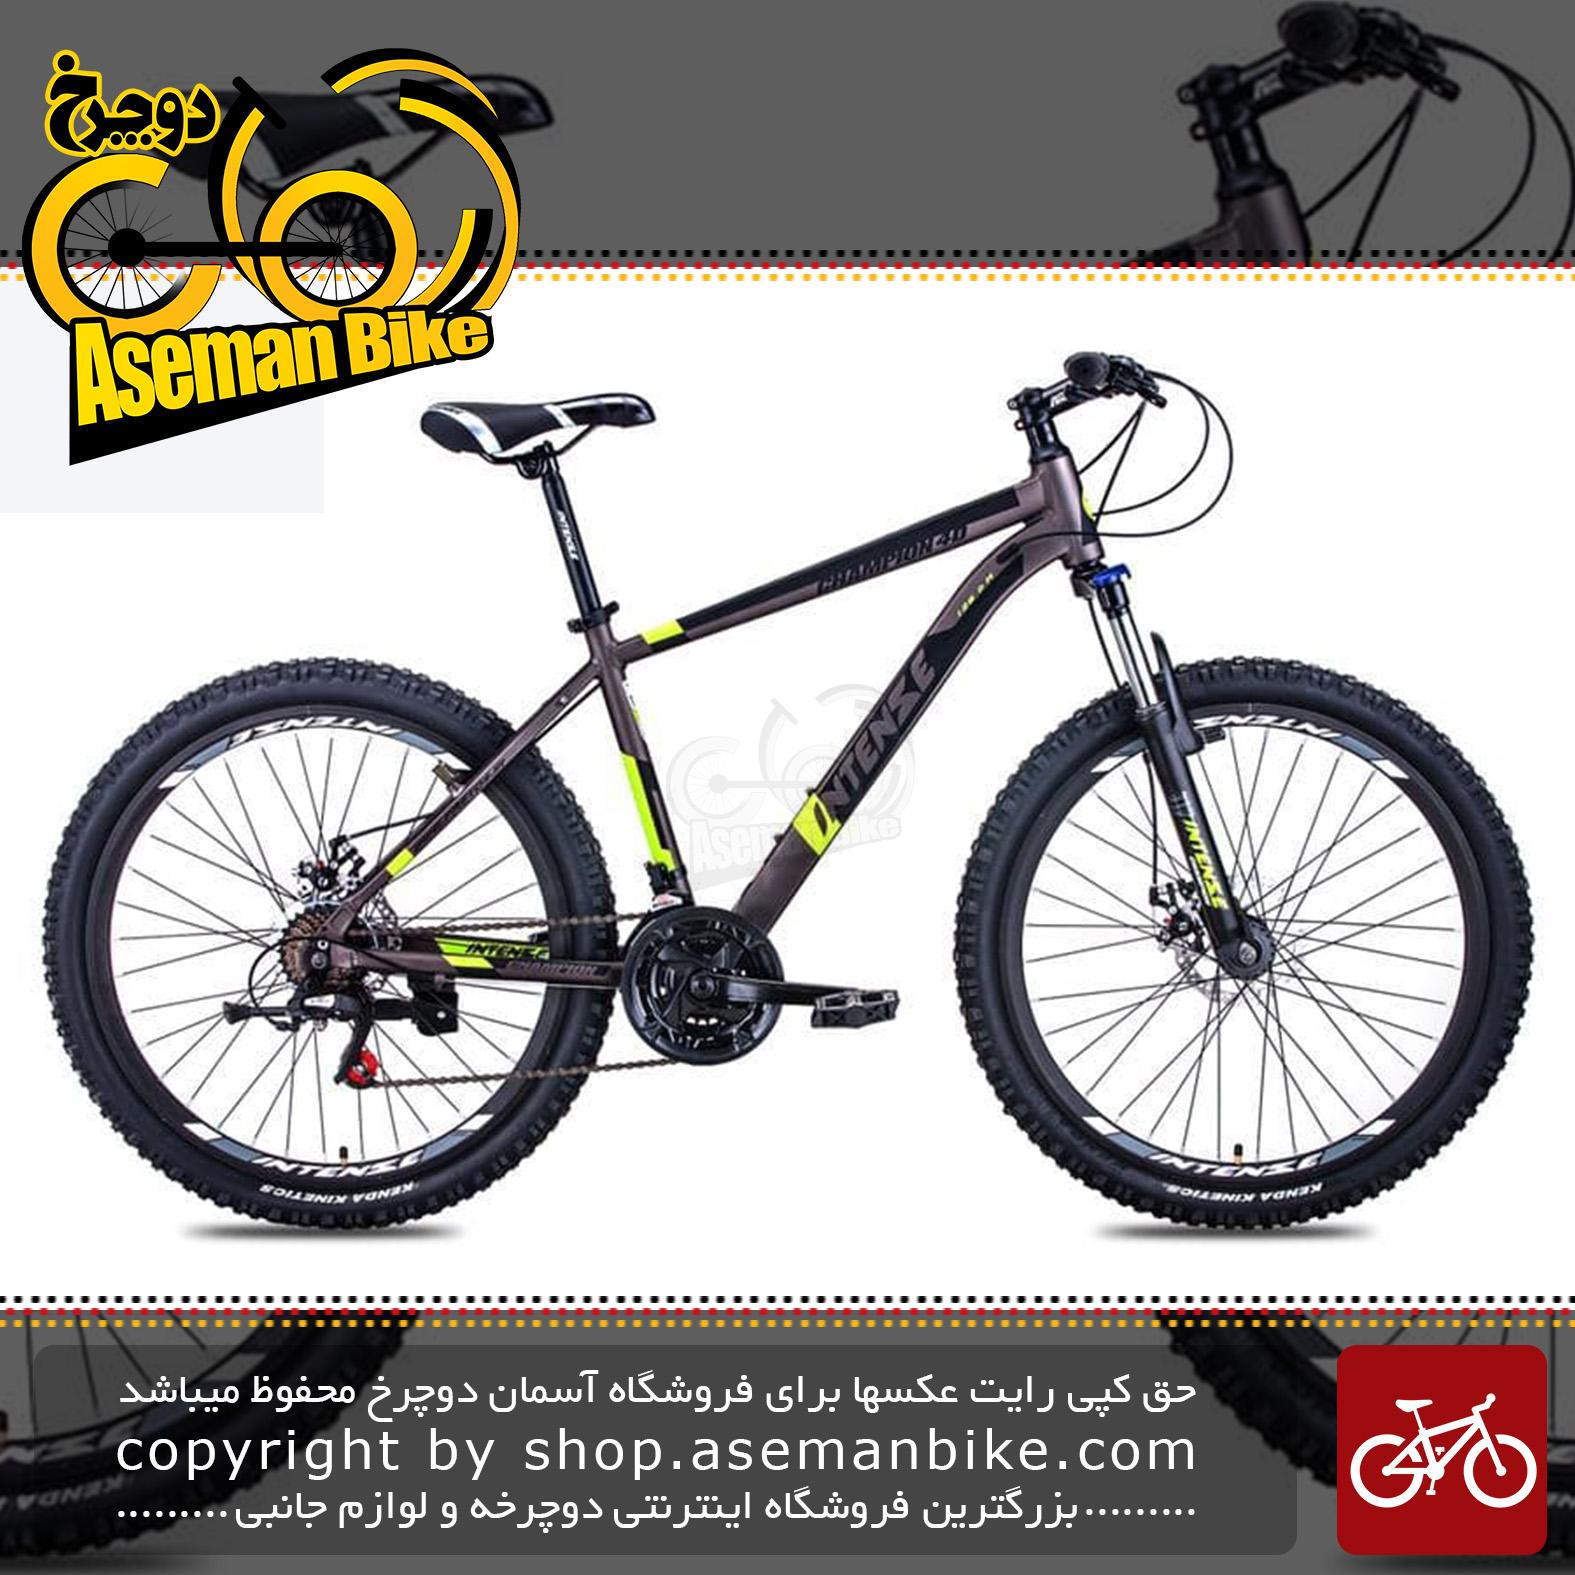 دوچرخه کوهستان شهری برند اینتنس مدل چمپیون 4 دی سایز 26 با 21 دنده 2020 Intense Mountain Bicycle Champion 4D 26 21 Speed 2020